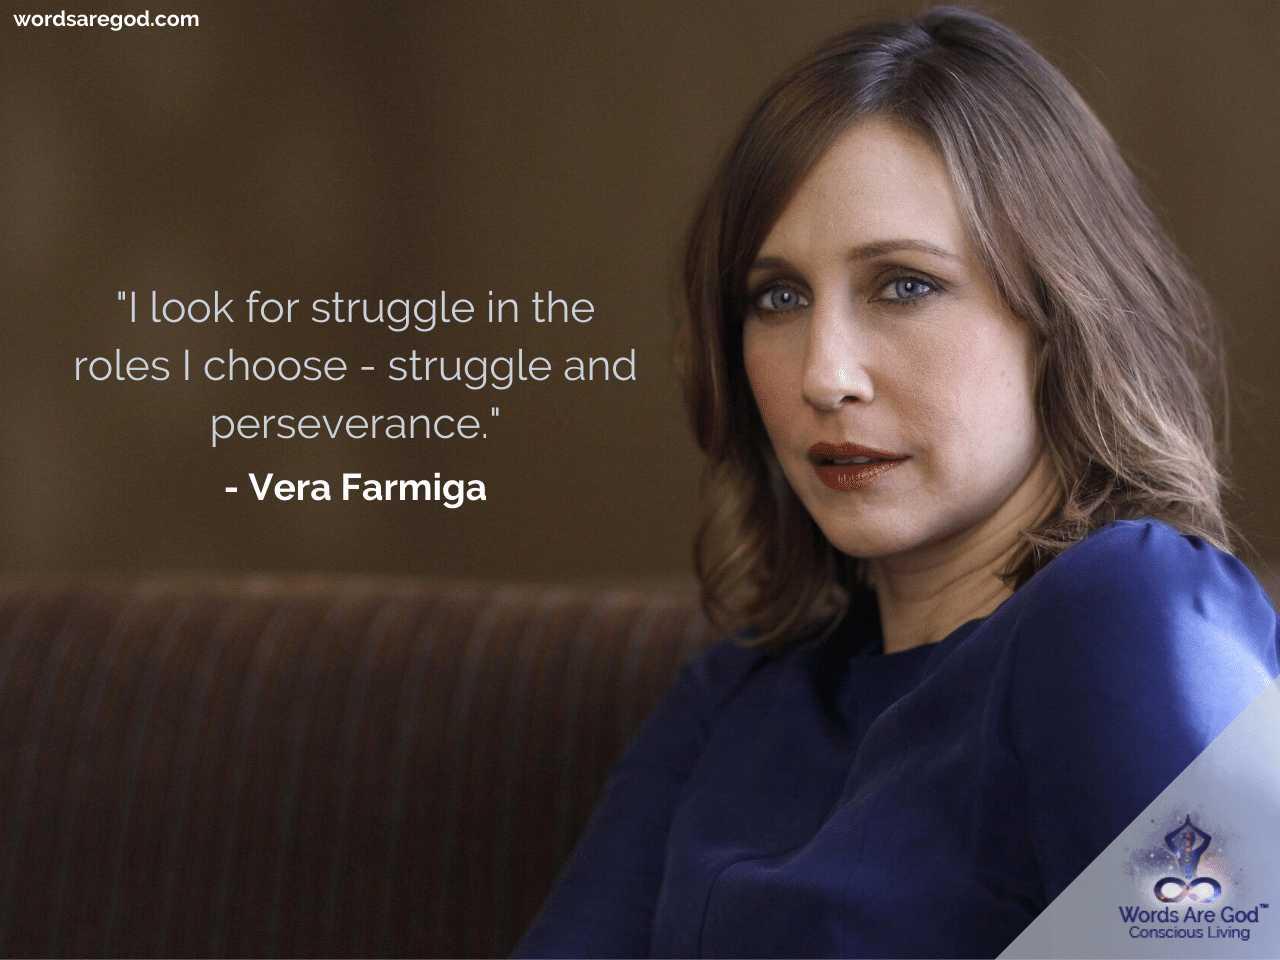 Vera Farmiga Life Quotes by Vera Farmiga